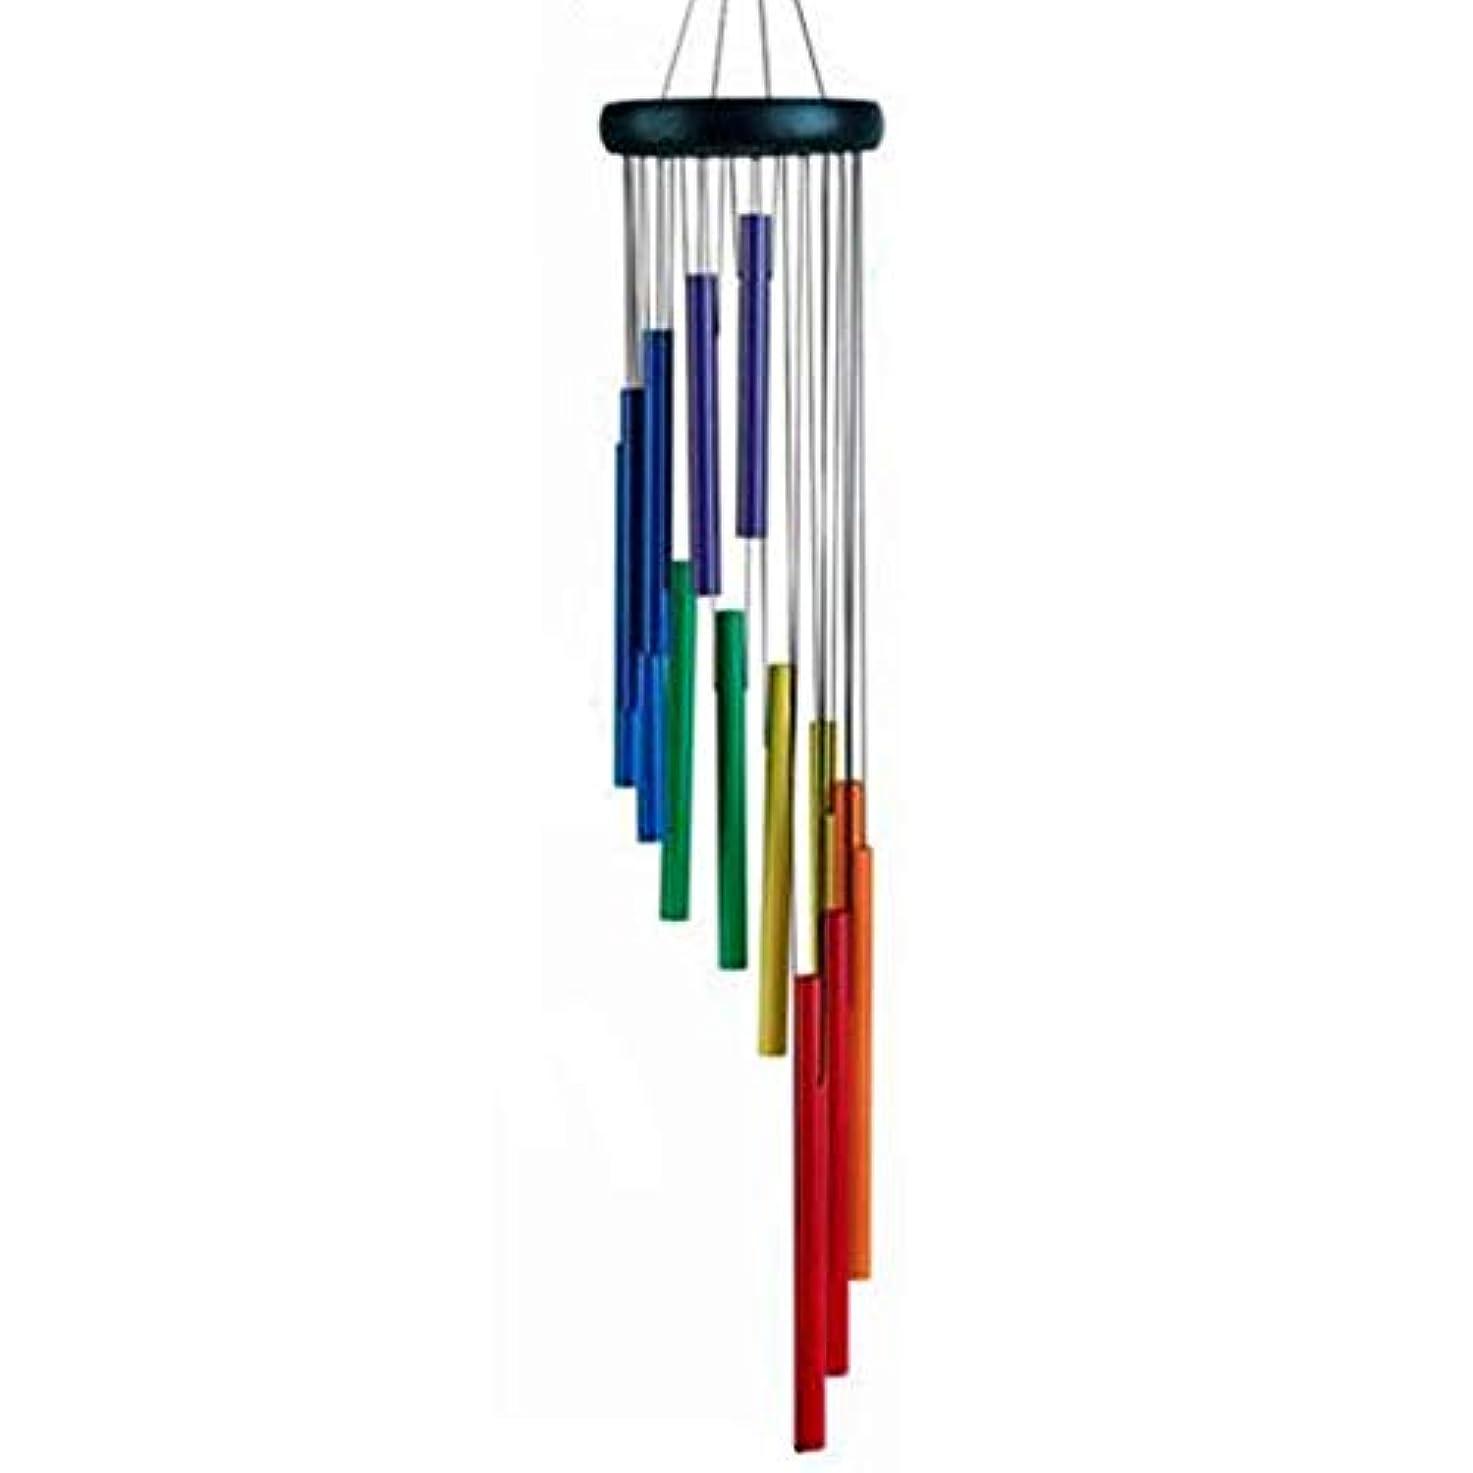 ネックレス弾丸ホイットニーYougou01 風チャイム、メタル風チャイムを回転14チューブ?ミュージック、七色、長さ74CM 、創造的な装飾